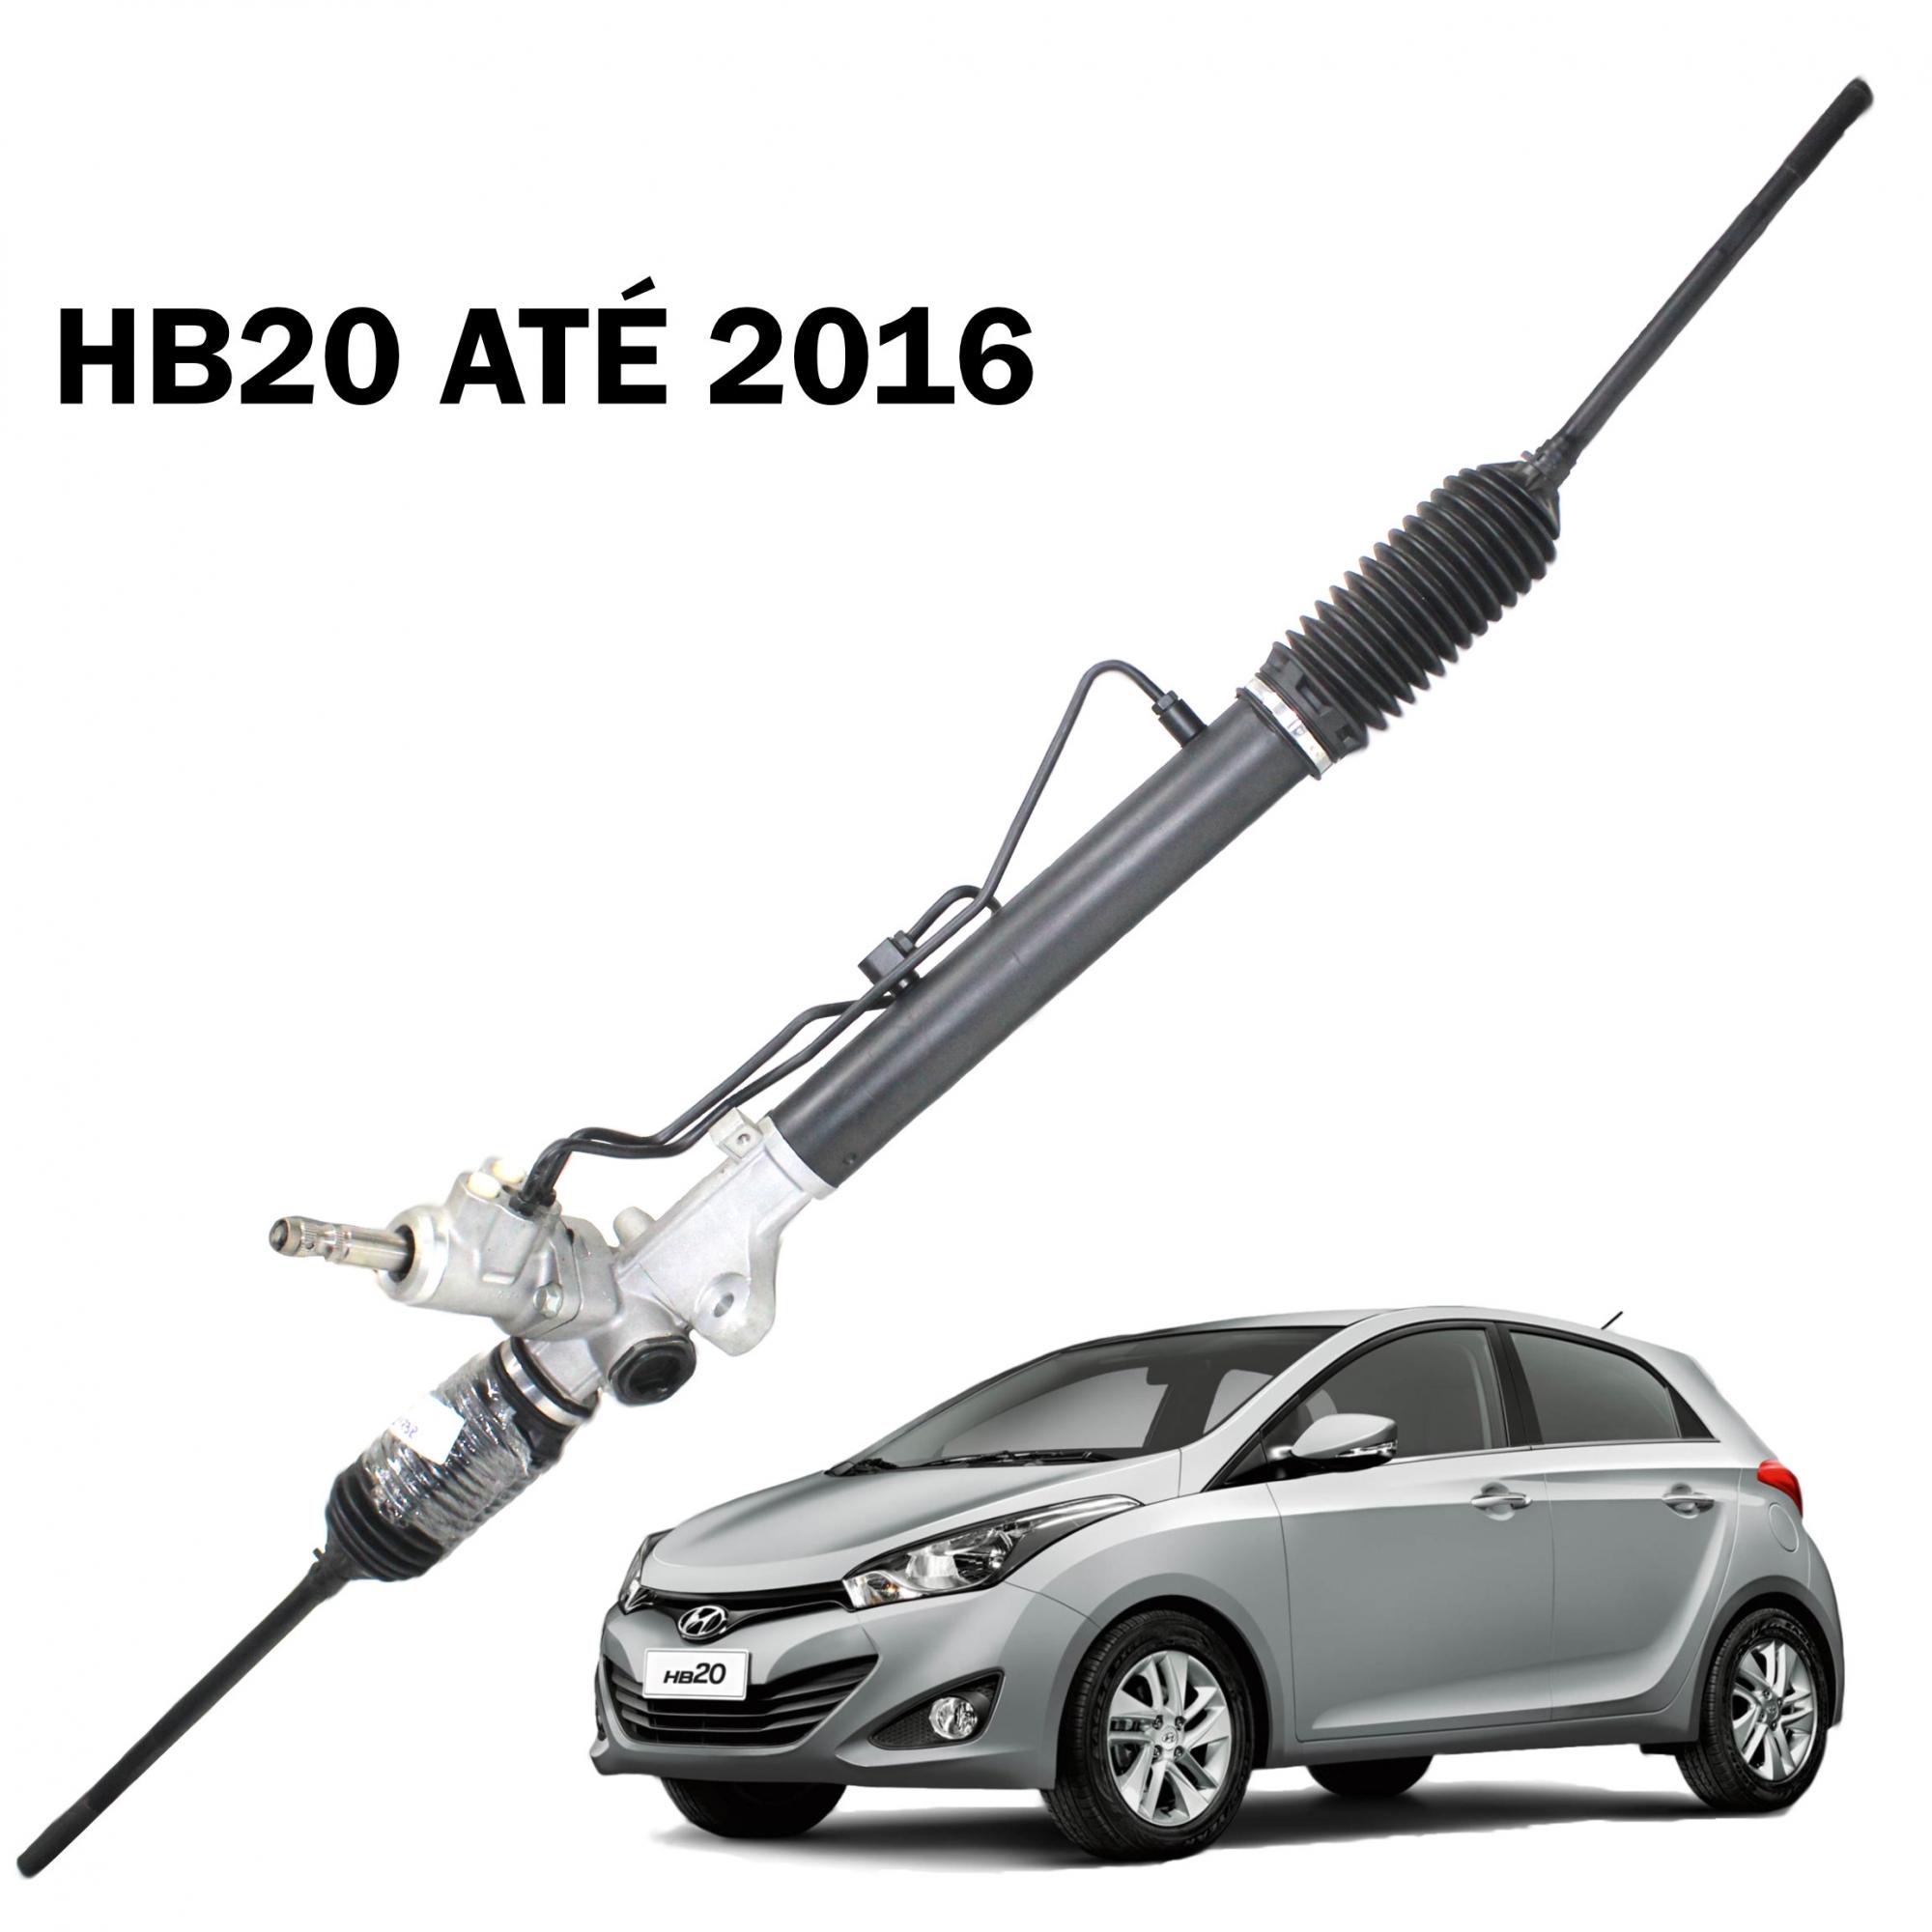 Caixa Direção Hidráulica HB20 até 2016- Recondicionada